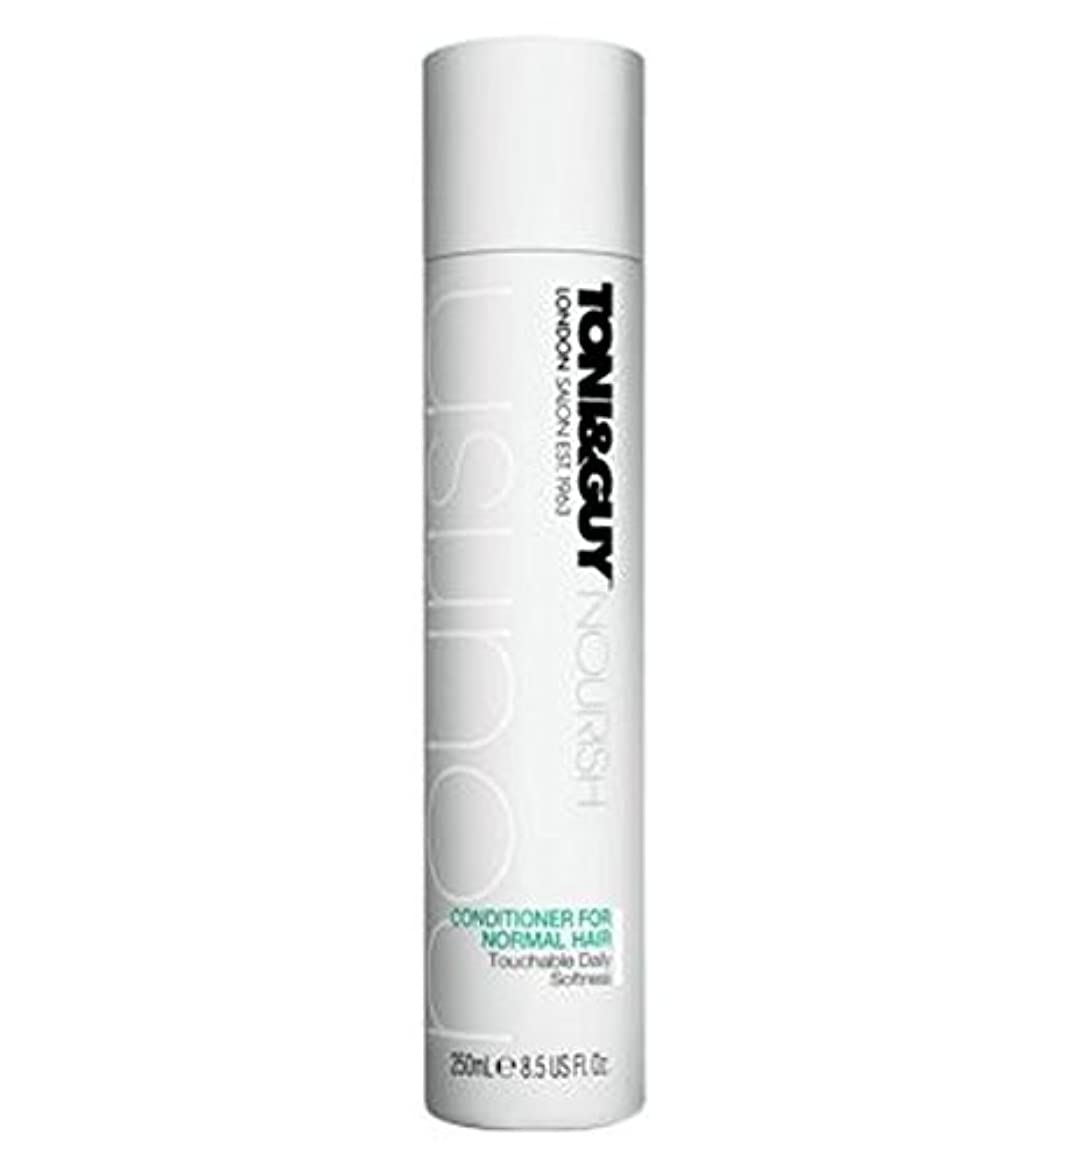 主流イデオロギー狐Toni&Guy Conditioner for Normal Hair 250ml - ノーマルヘア250ミリリットルのためのトニ&男コンディショナー (Toni & Guy) [並行輸入品]